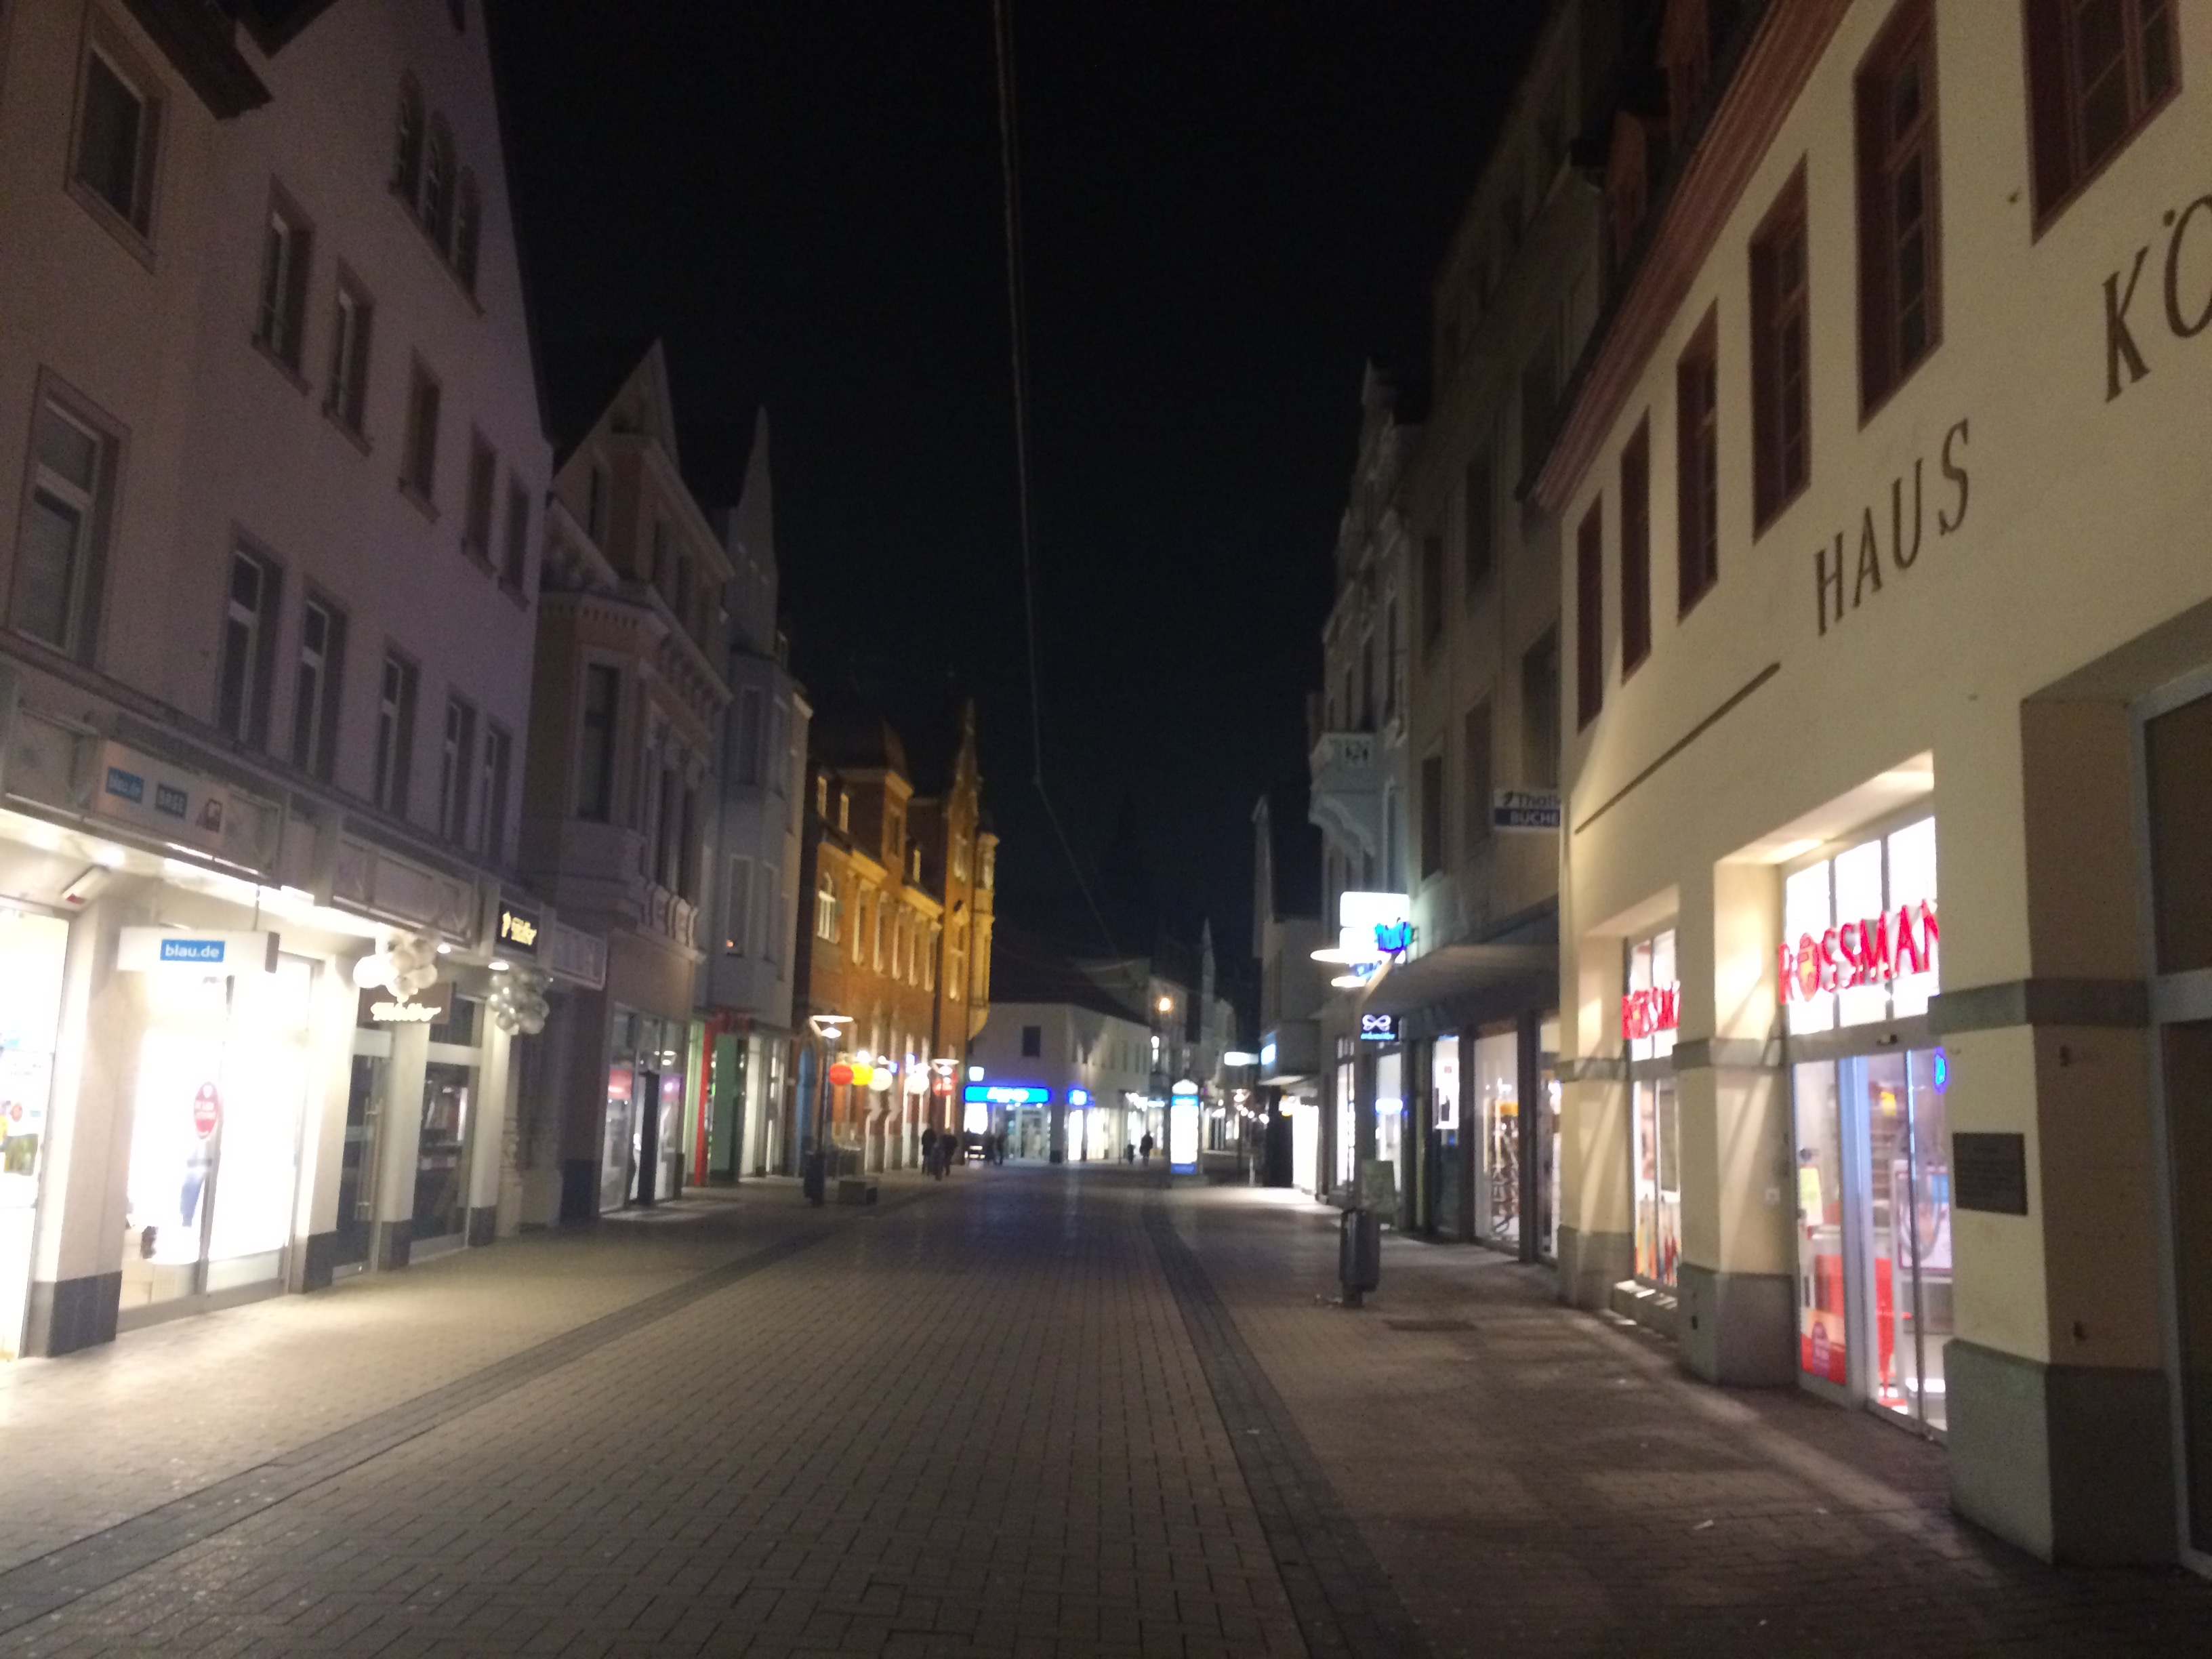 Einkaufsstraße Langestrasse am Abend Lippstadt